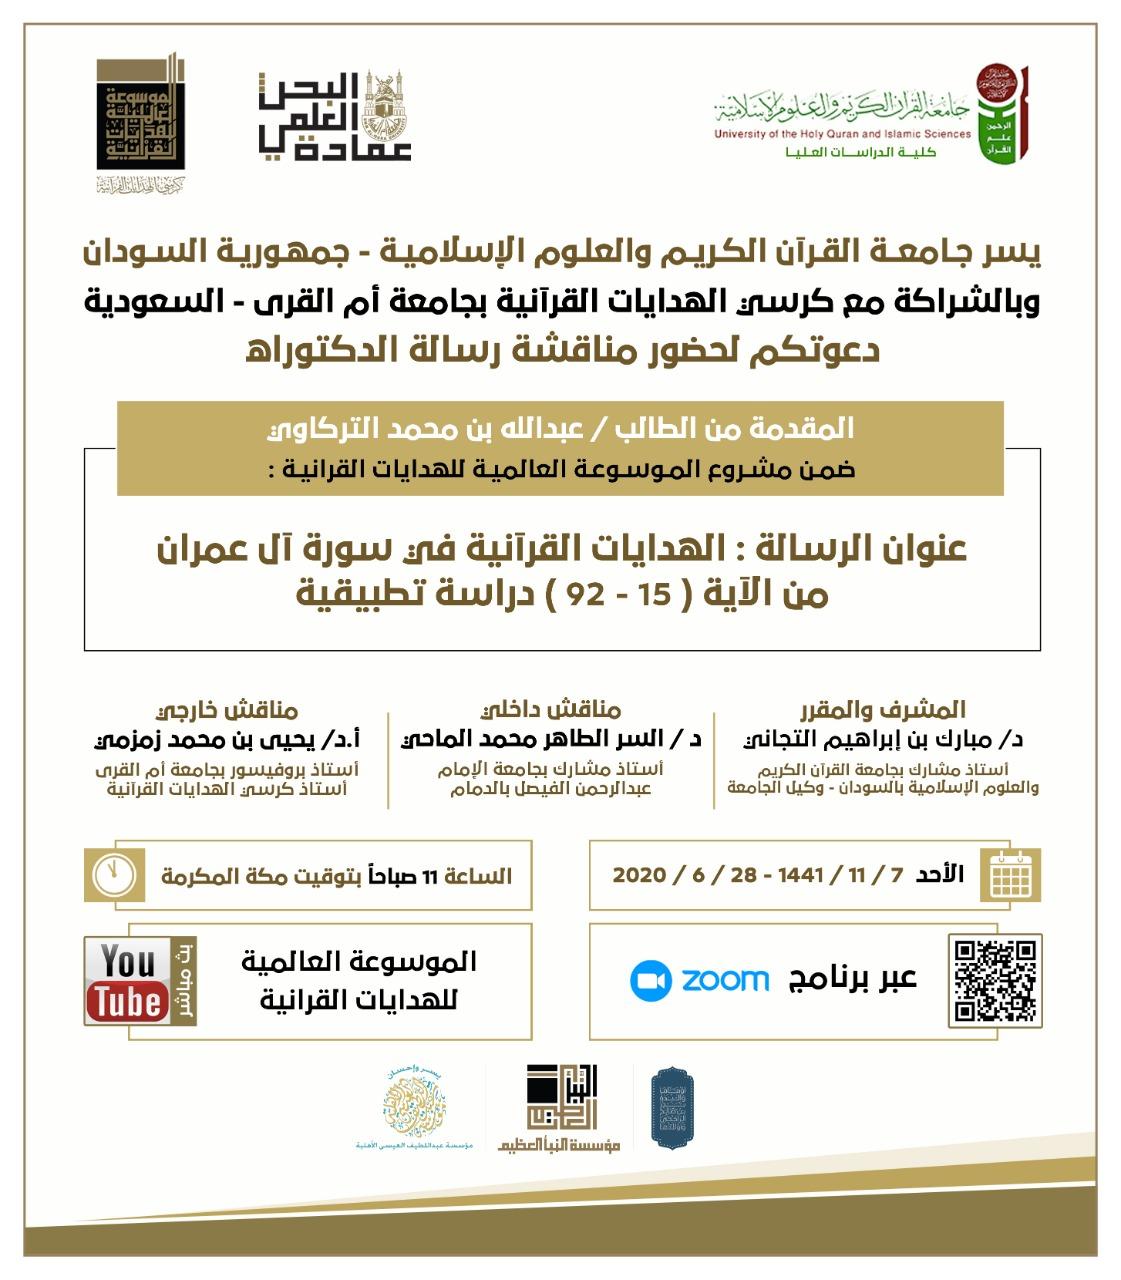 إعلان مناقشة الباحث / عبدالله بن محمد التركاوي